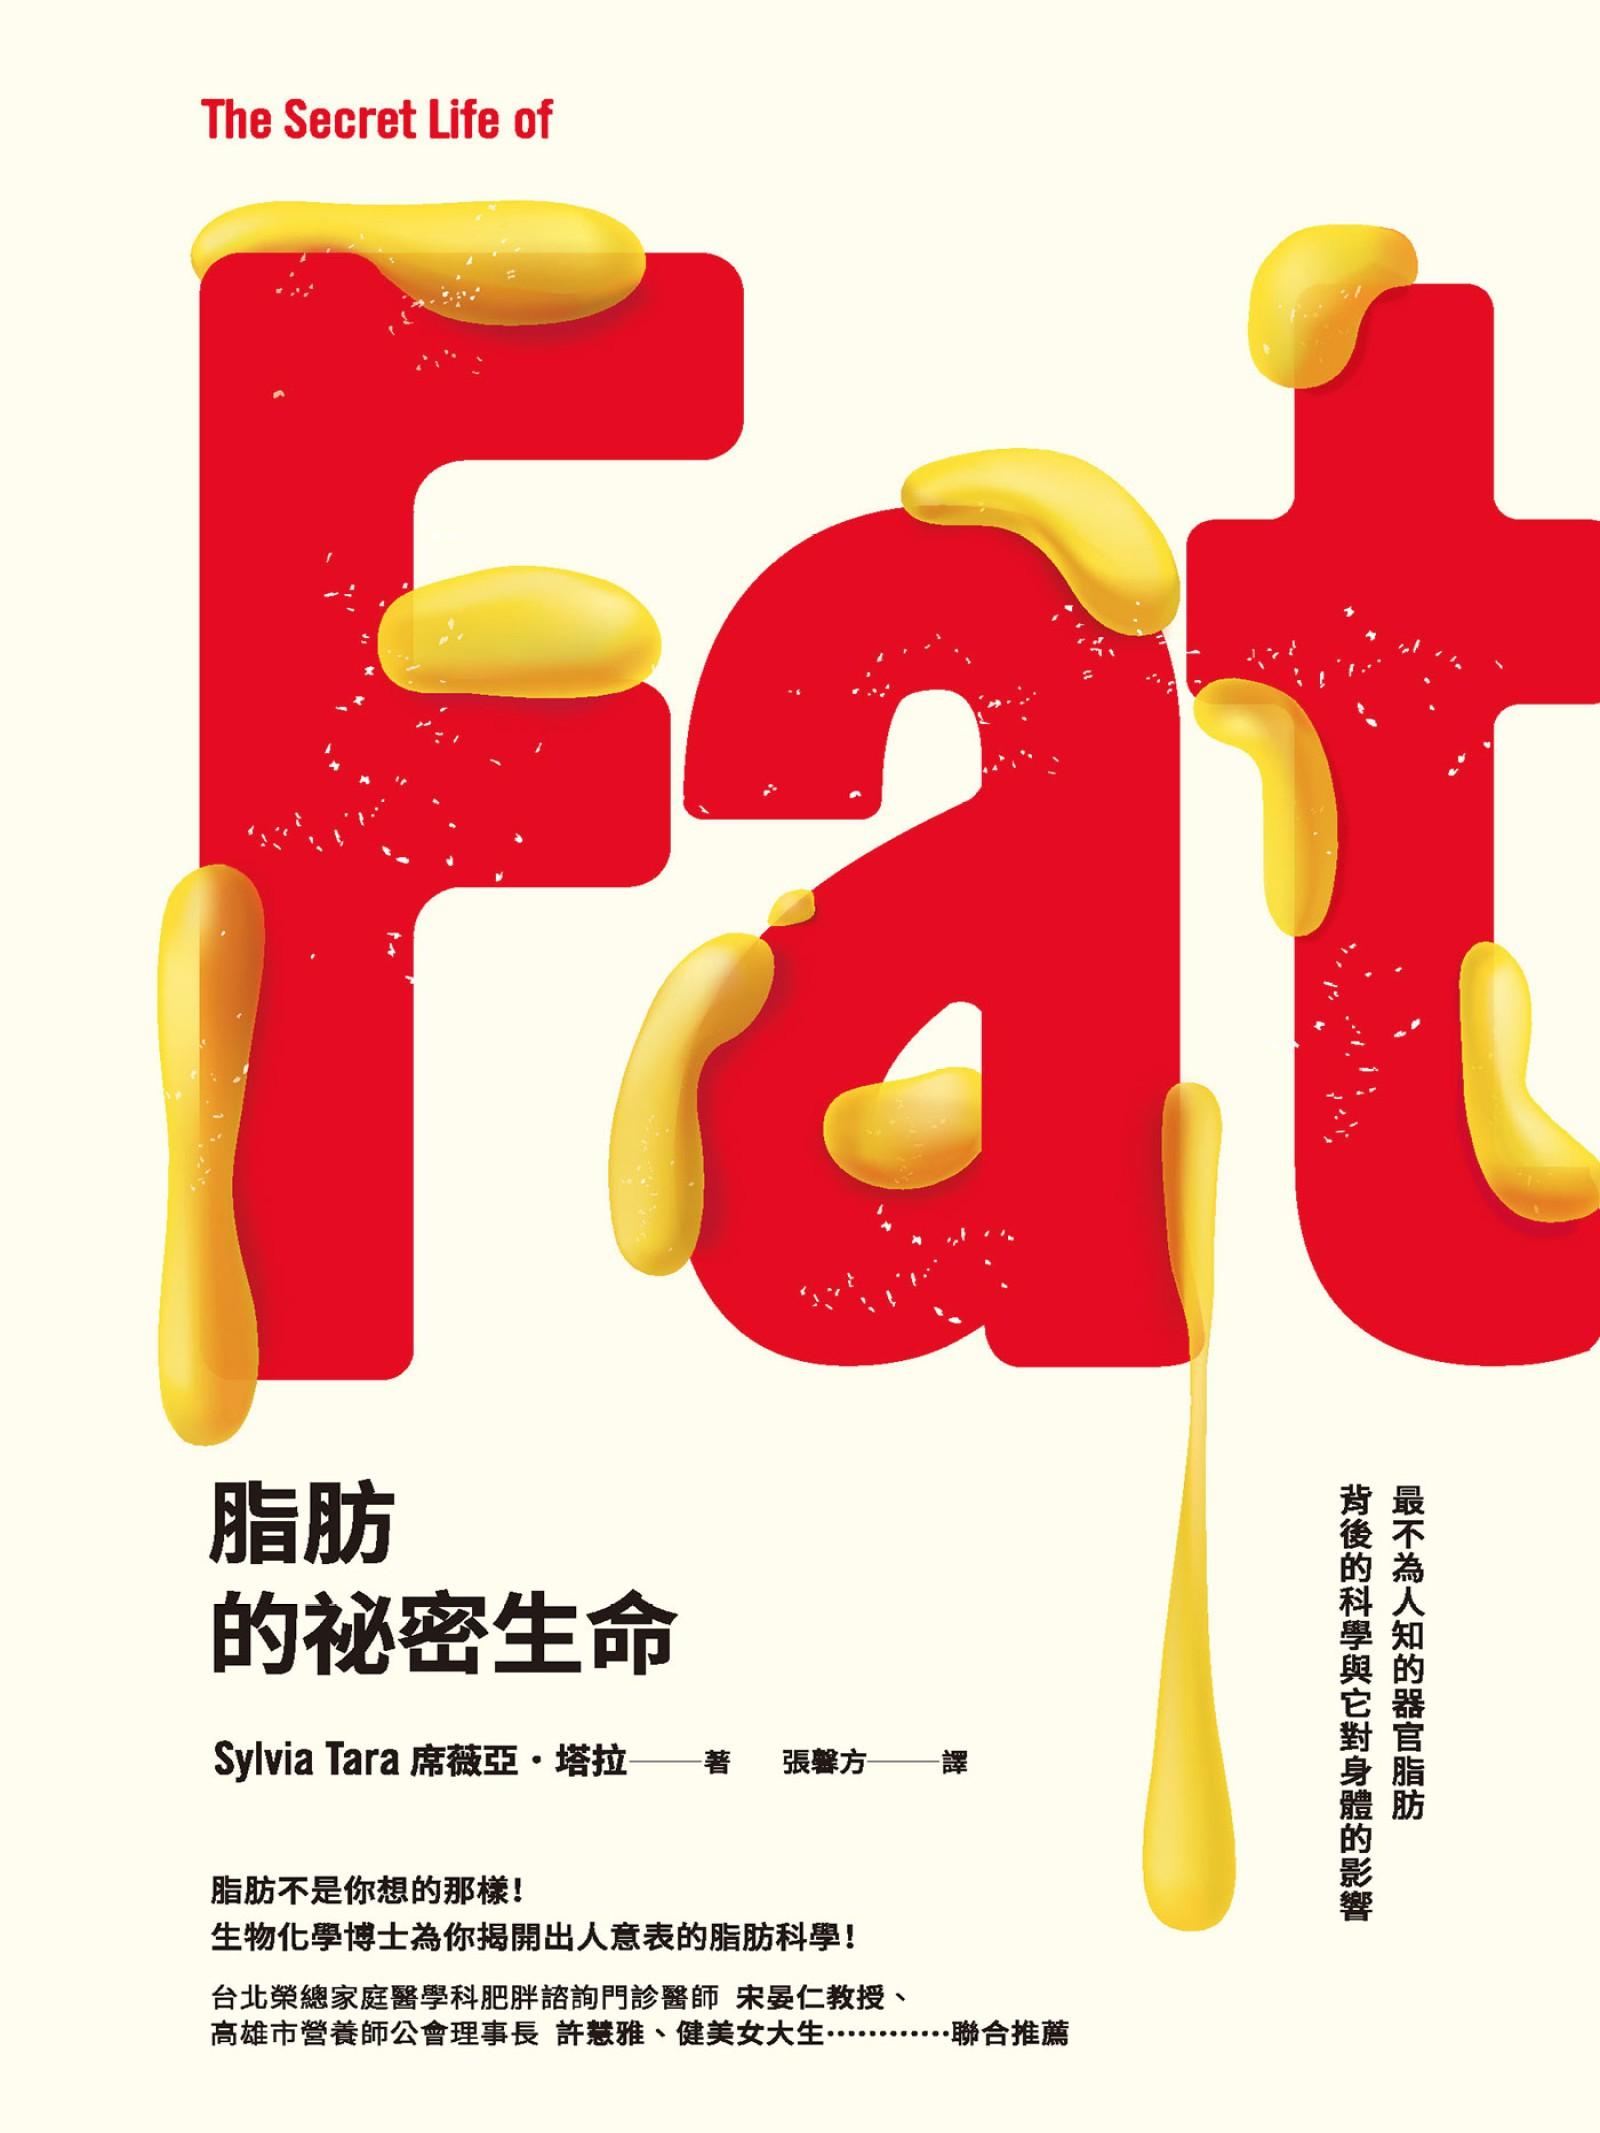 脂肪的祕密生命 最不為人知的器官脂肪背後的科學與它對身體的影響/